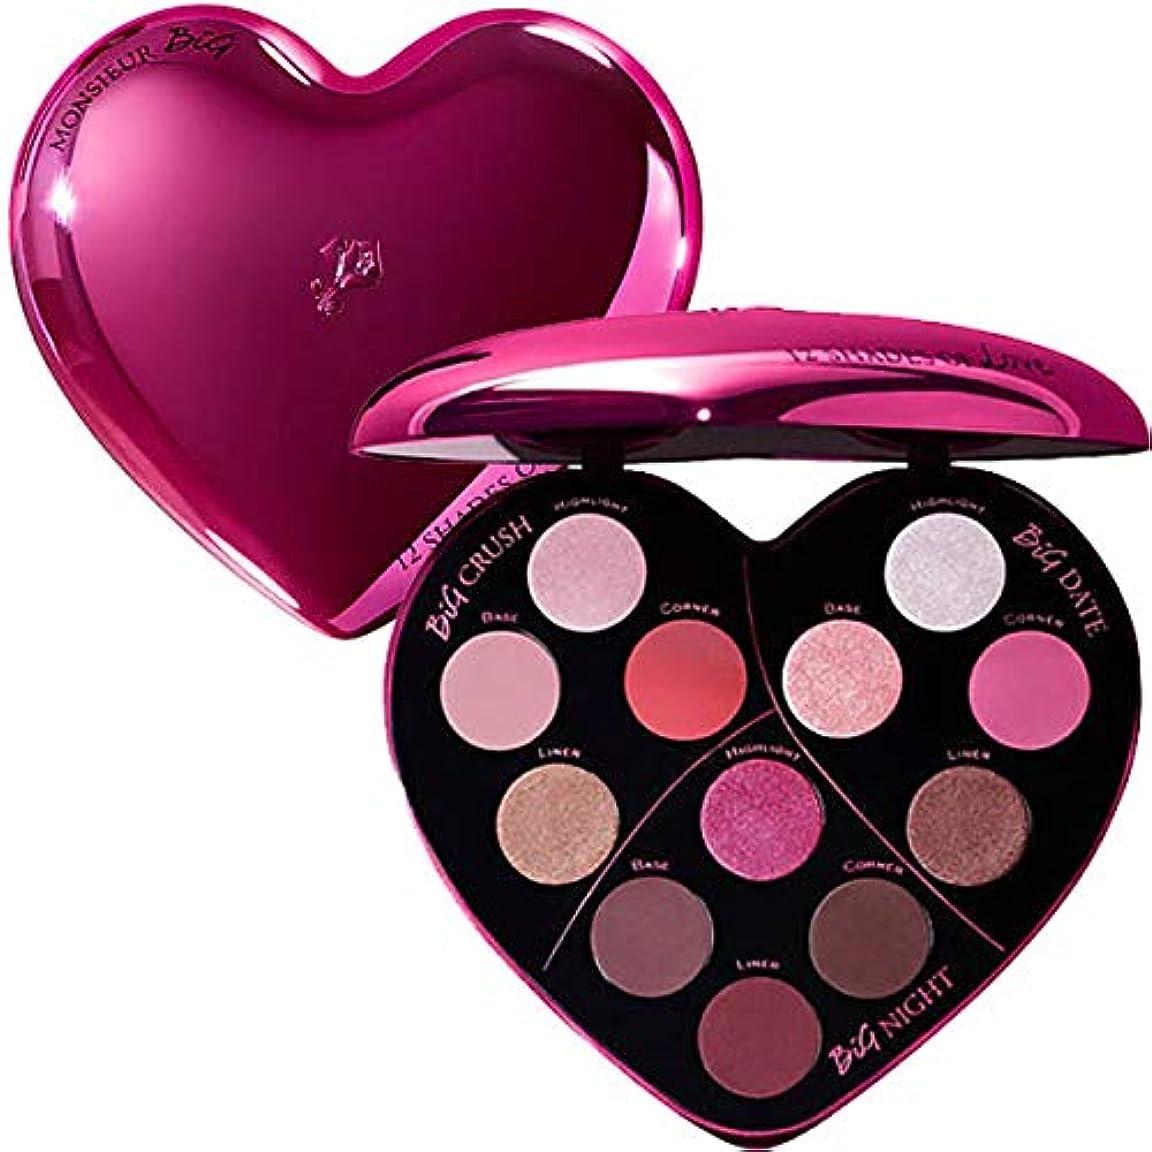 応用ばかげている噂ランコム(LANCOME), 限定版 limited-edition Monsieur Big Heart-Shaped Eyeshadow Palette [海外直送品] [並行輸入品]